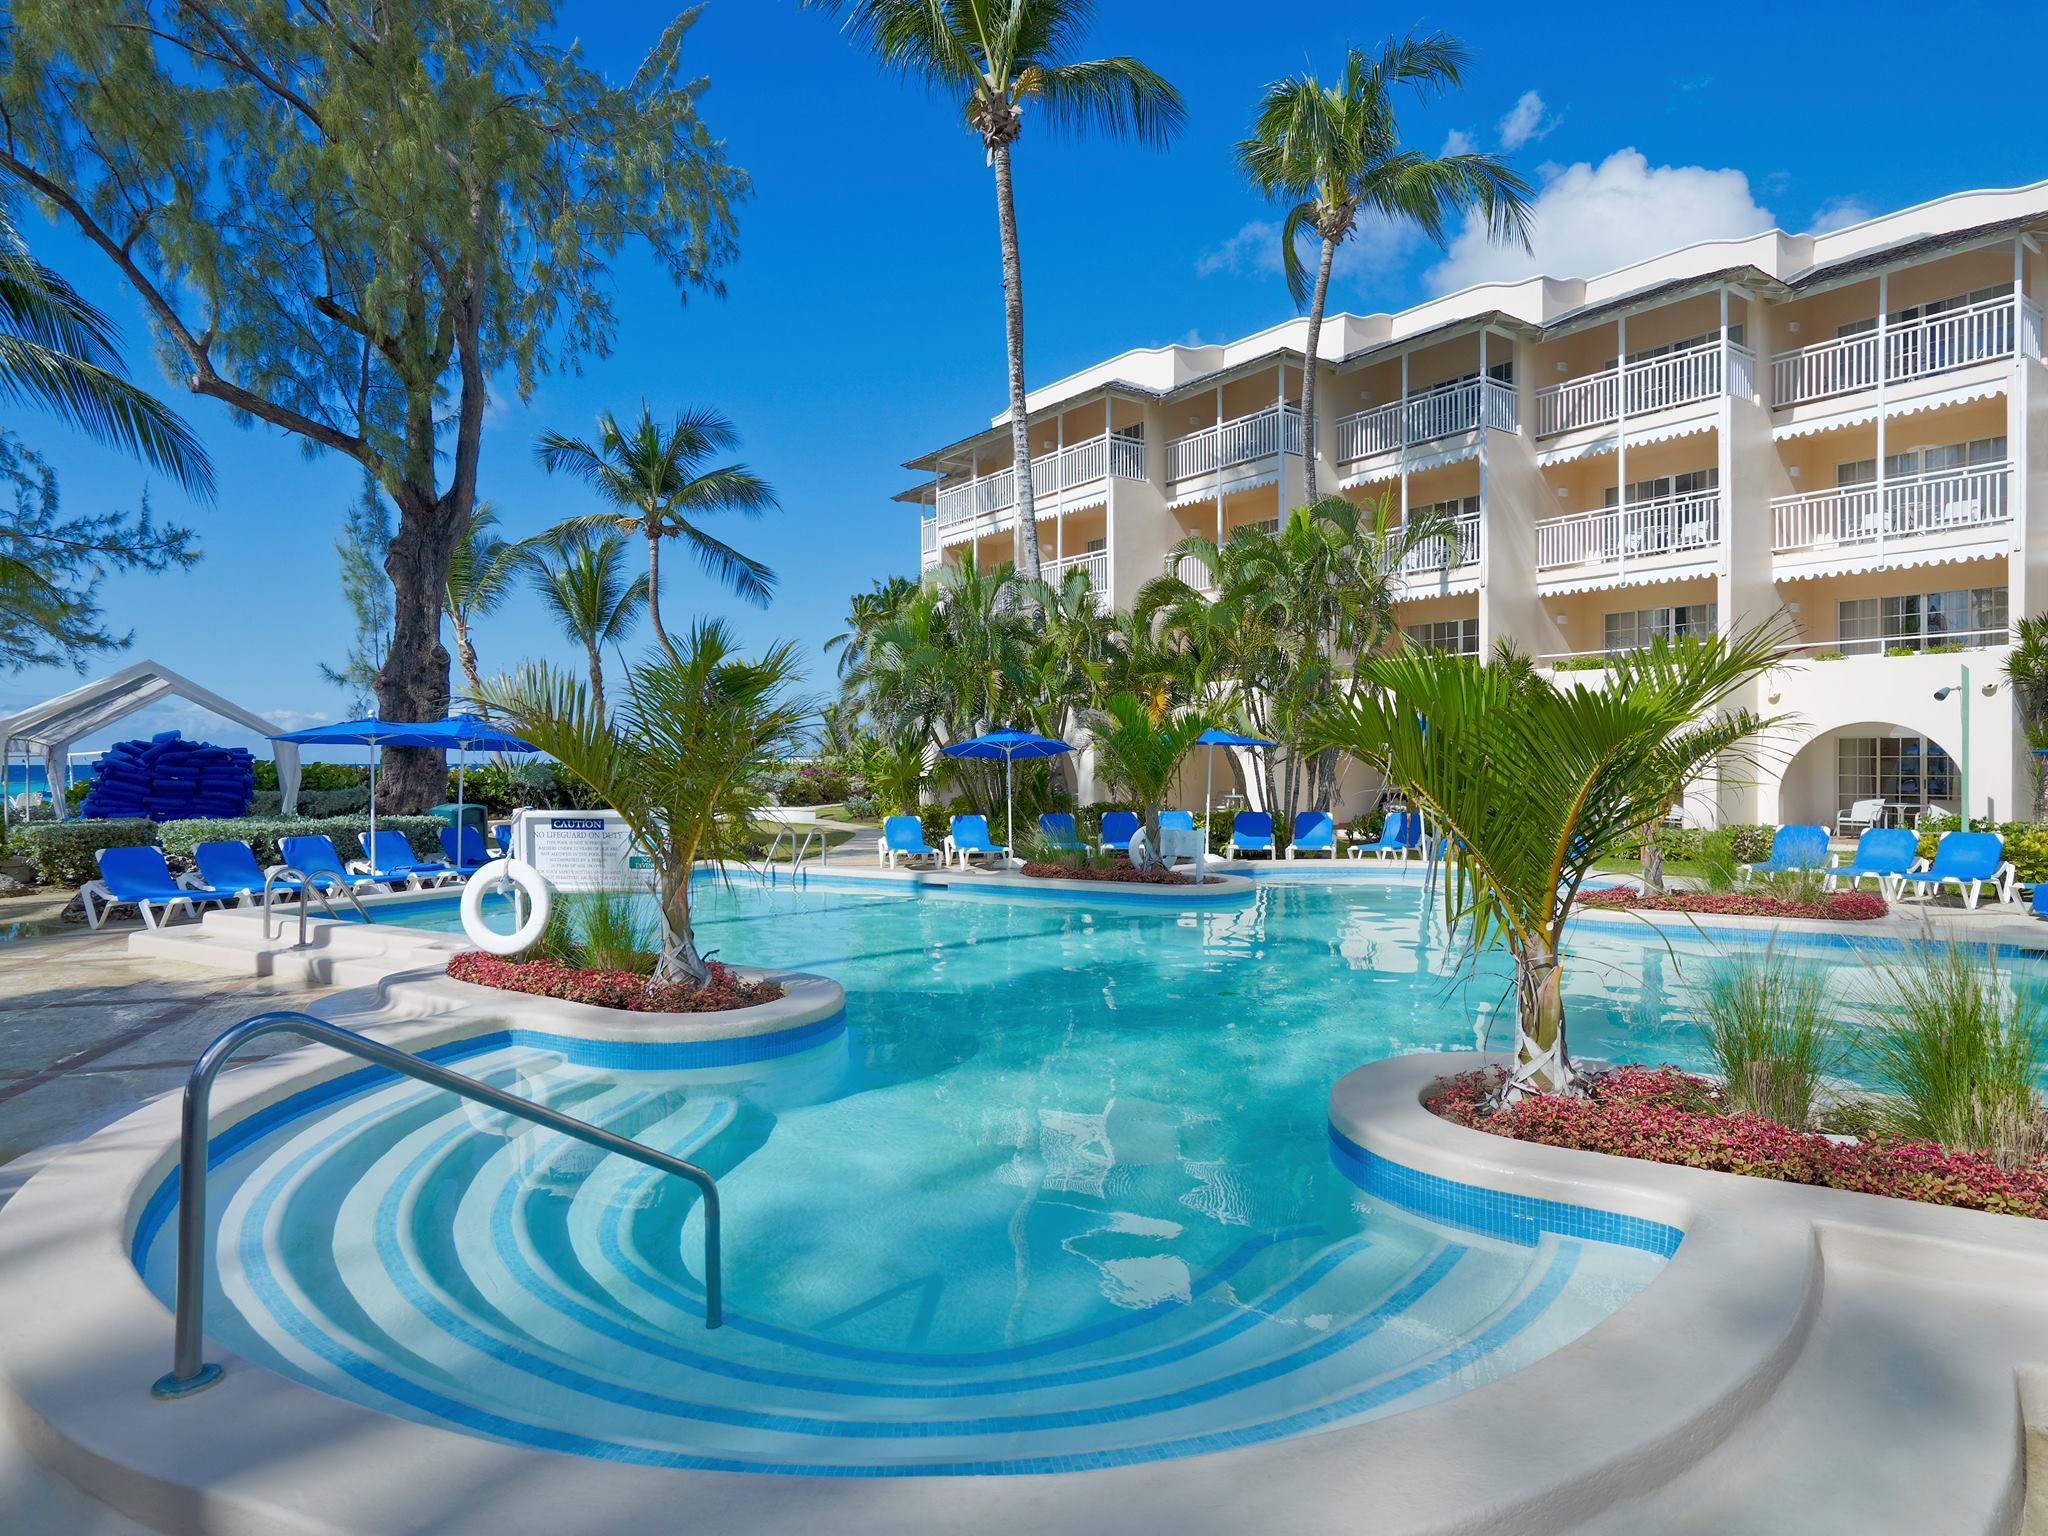 Turtle beach resort pool 5